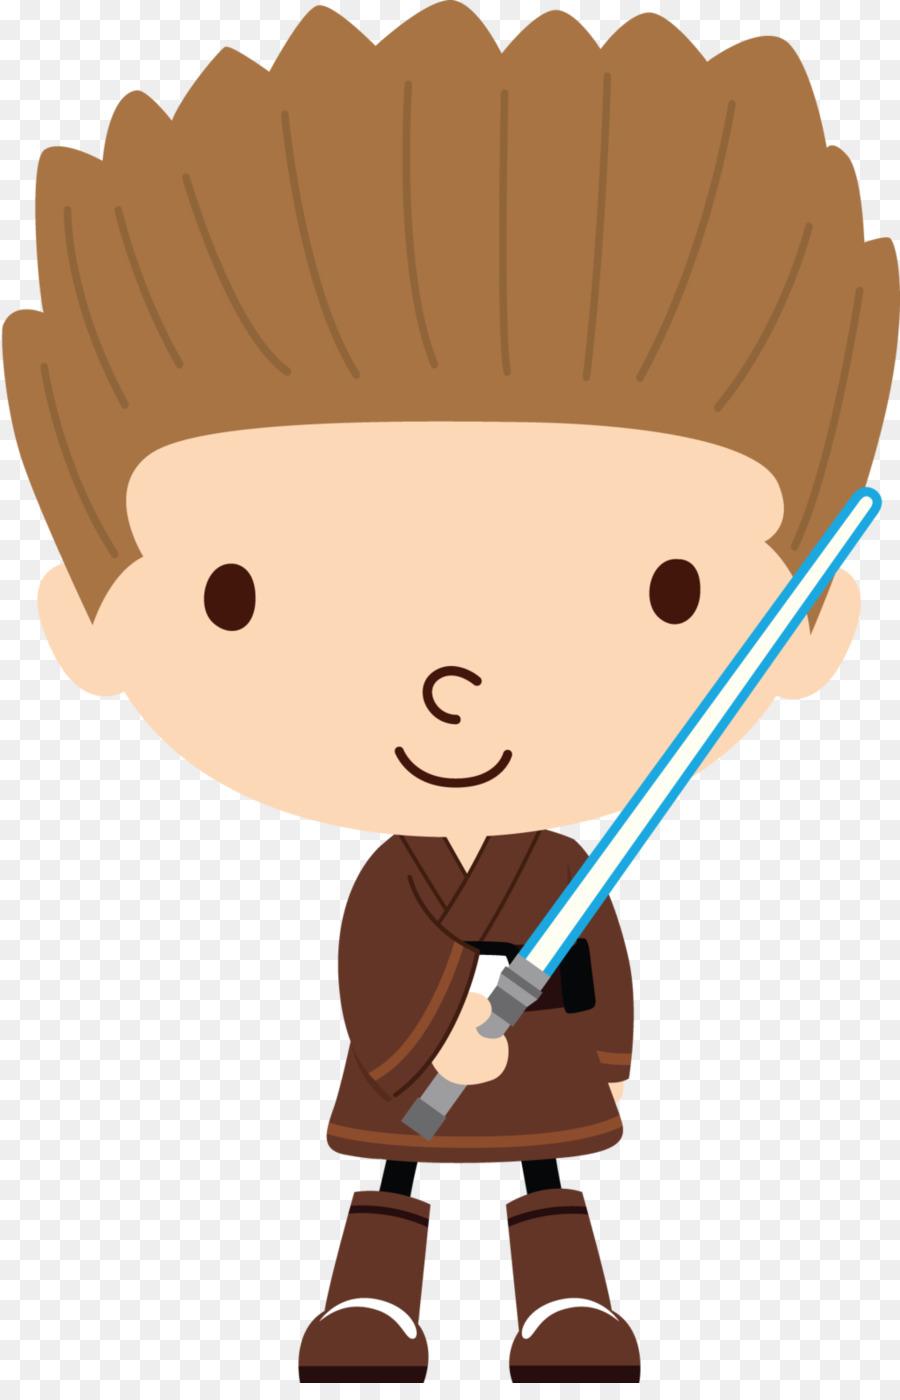 Chewbacca clipart c3po. Luke skywalker yoda anakin